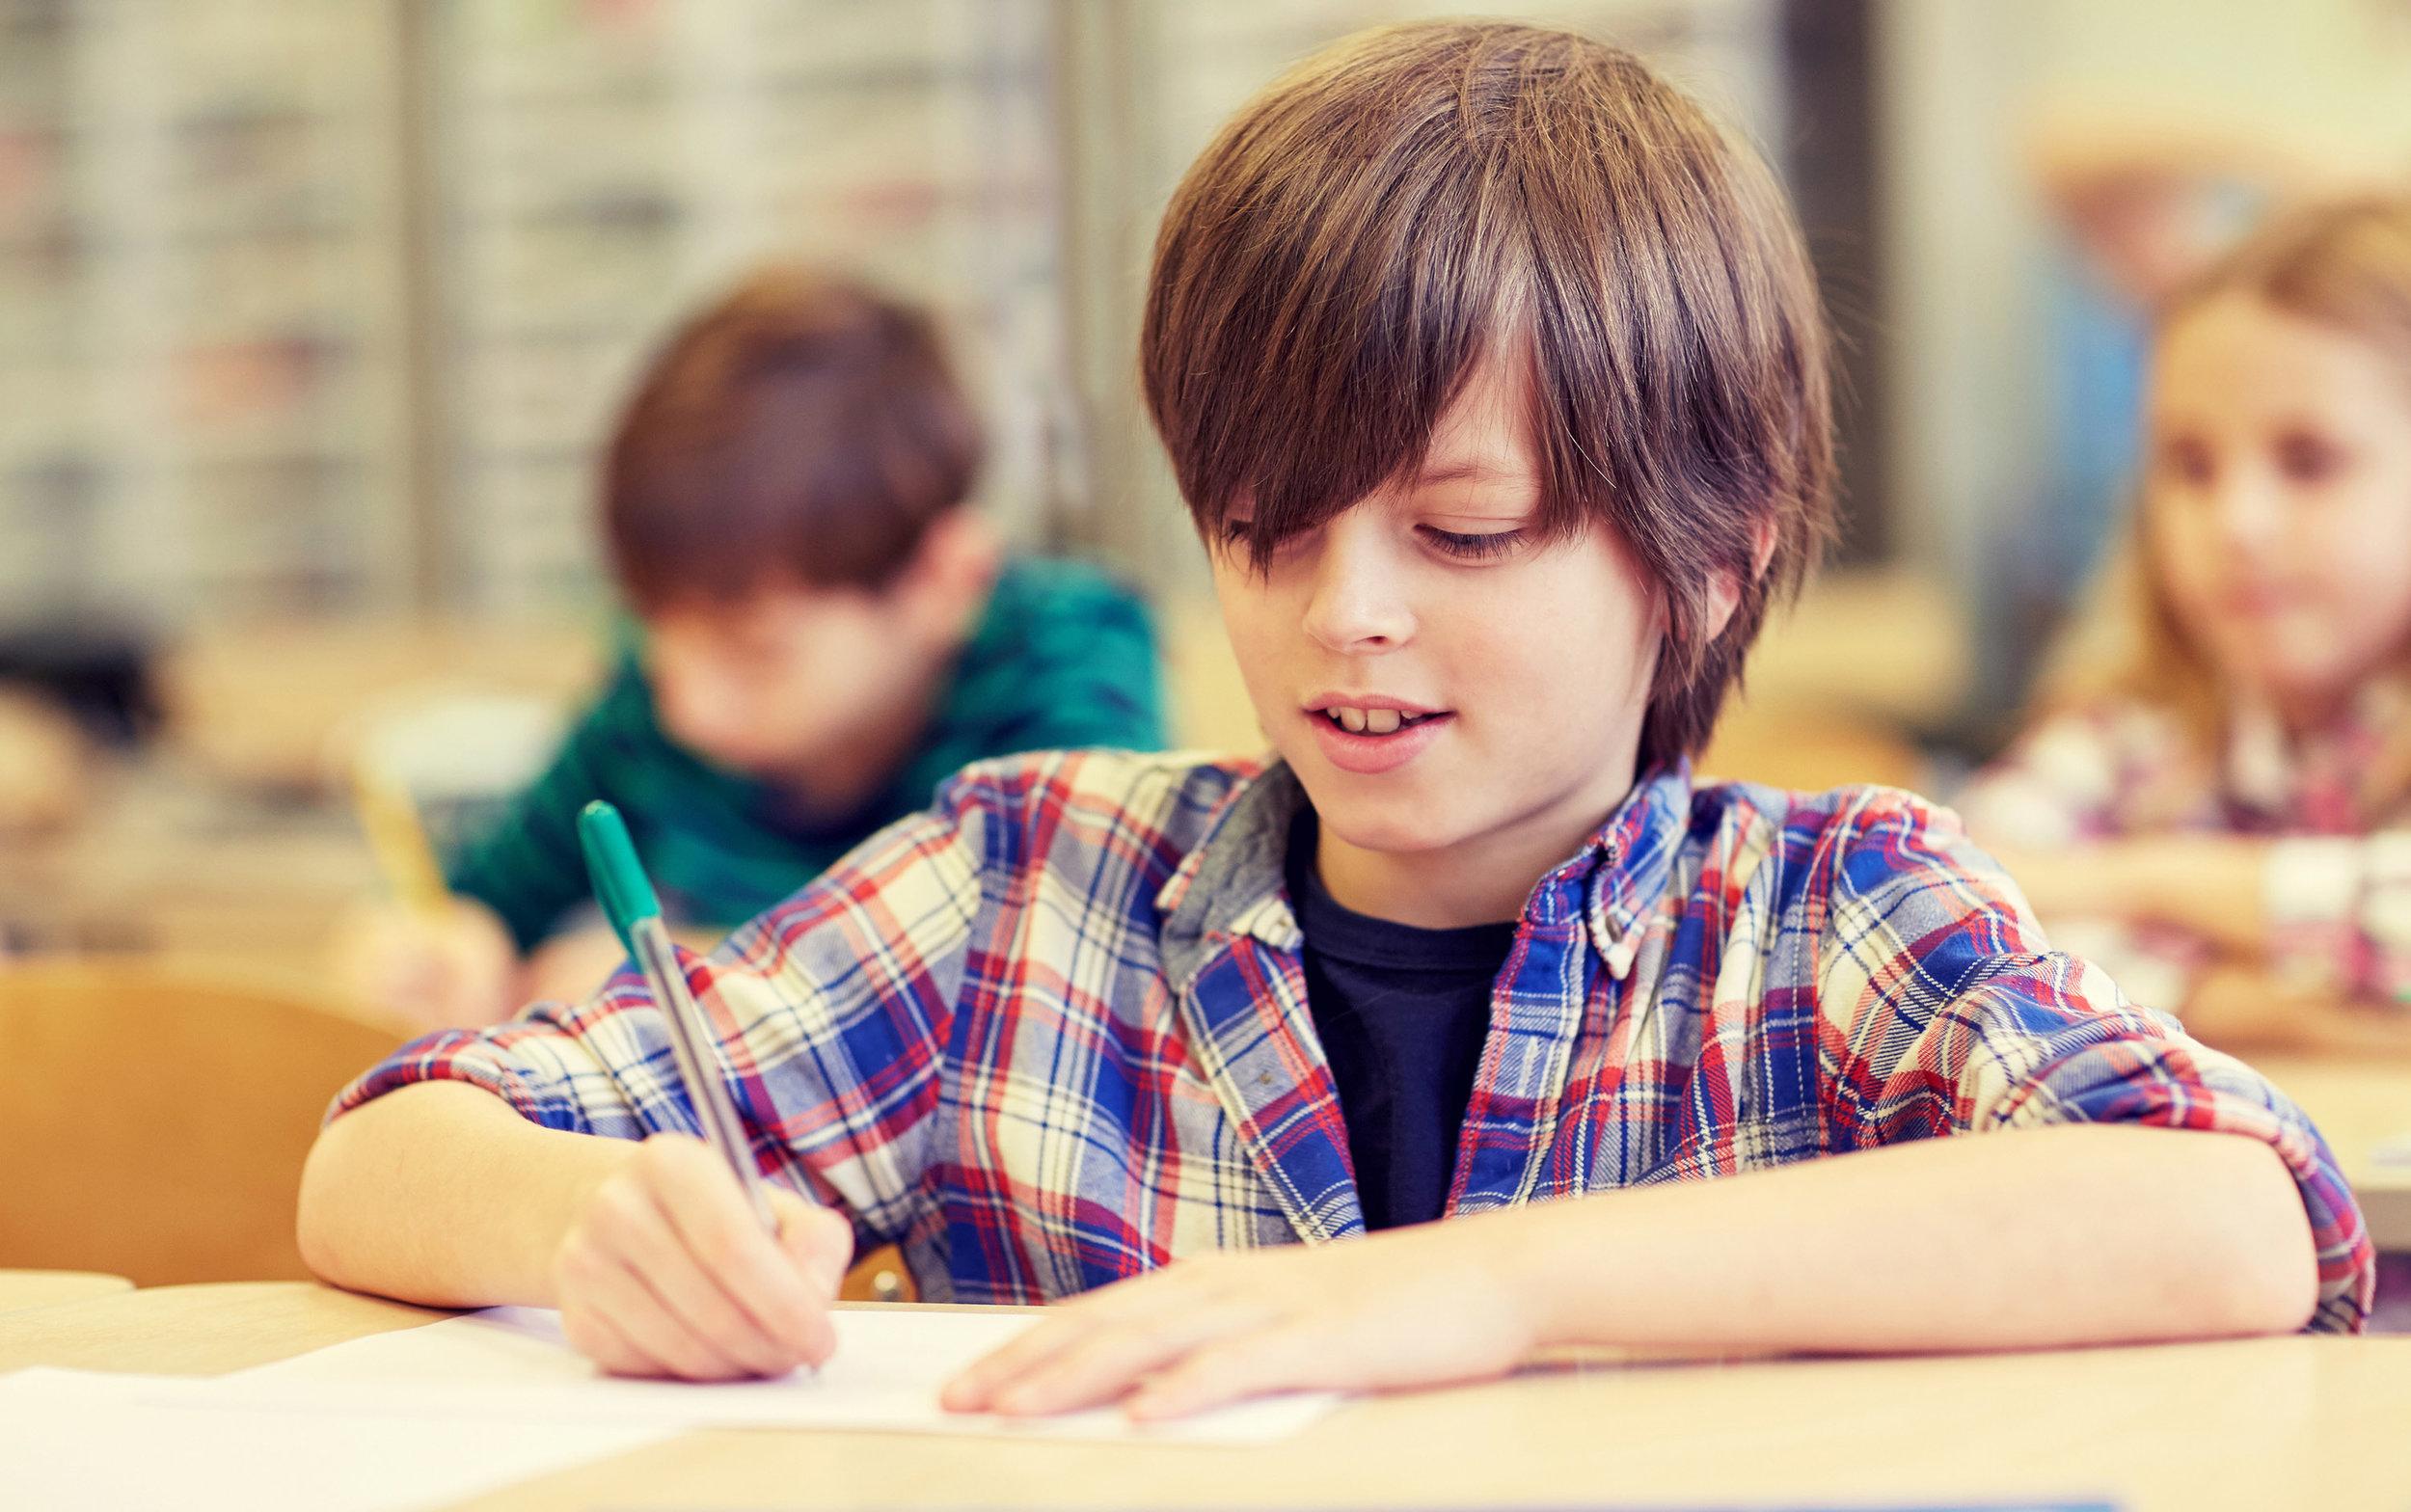 dyslexi-skrivsvårigheter.jpg